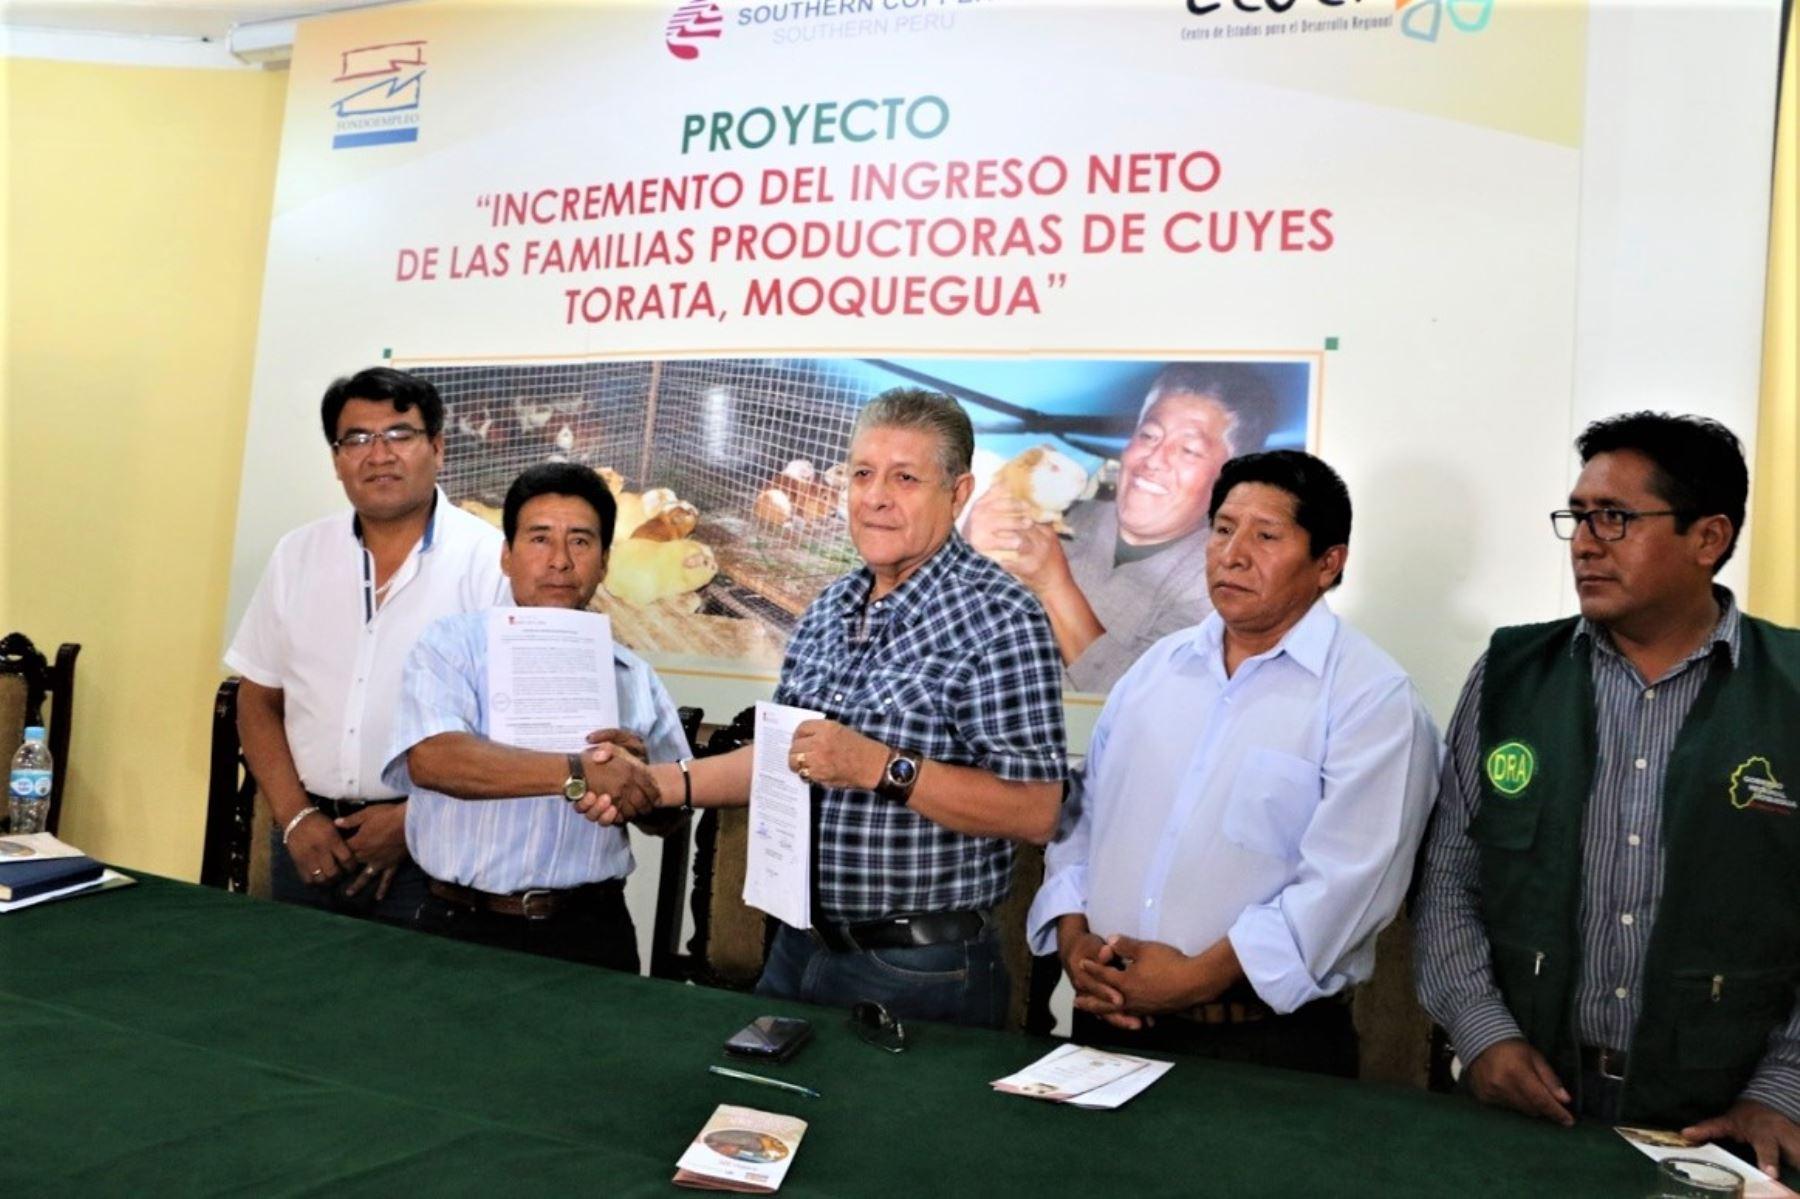 Manuel Sierra López exhortó a los productores de cuy a trabajar de manera articulada, participativa y comprometida.